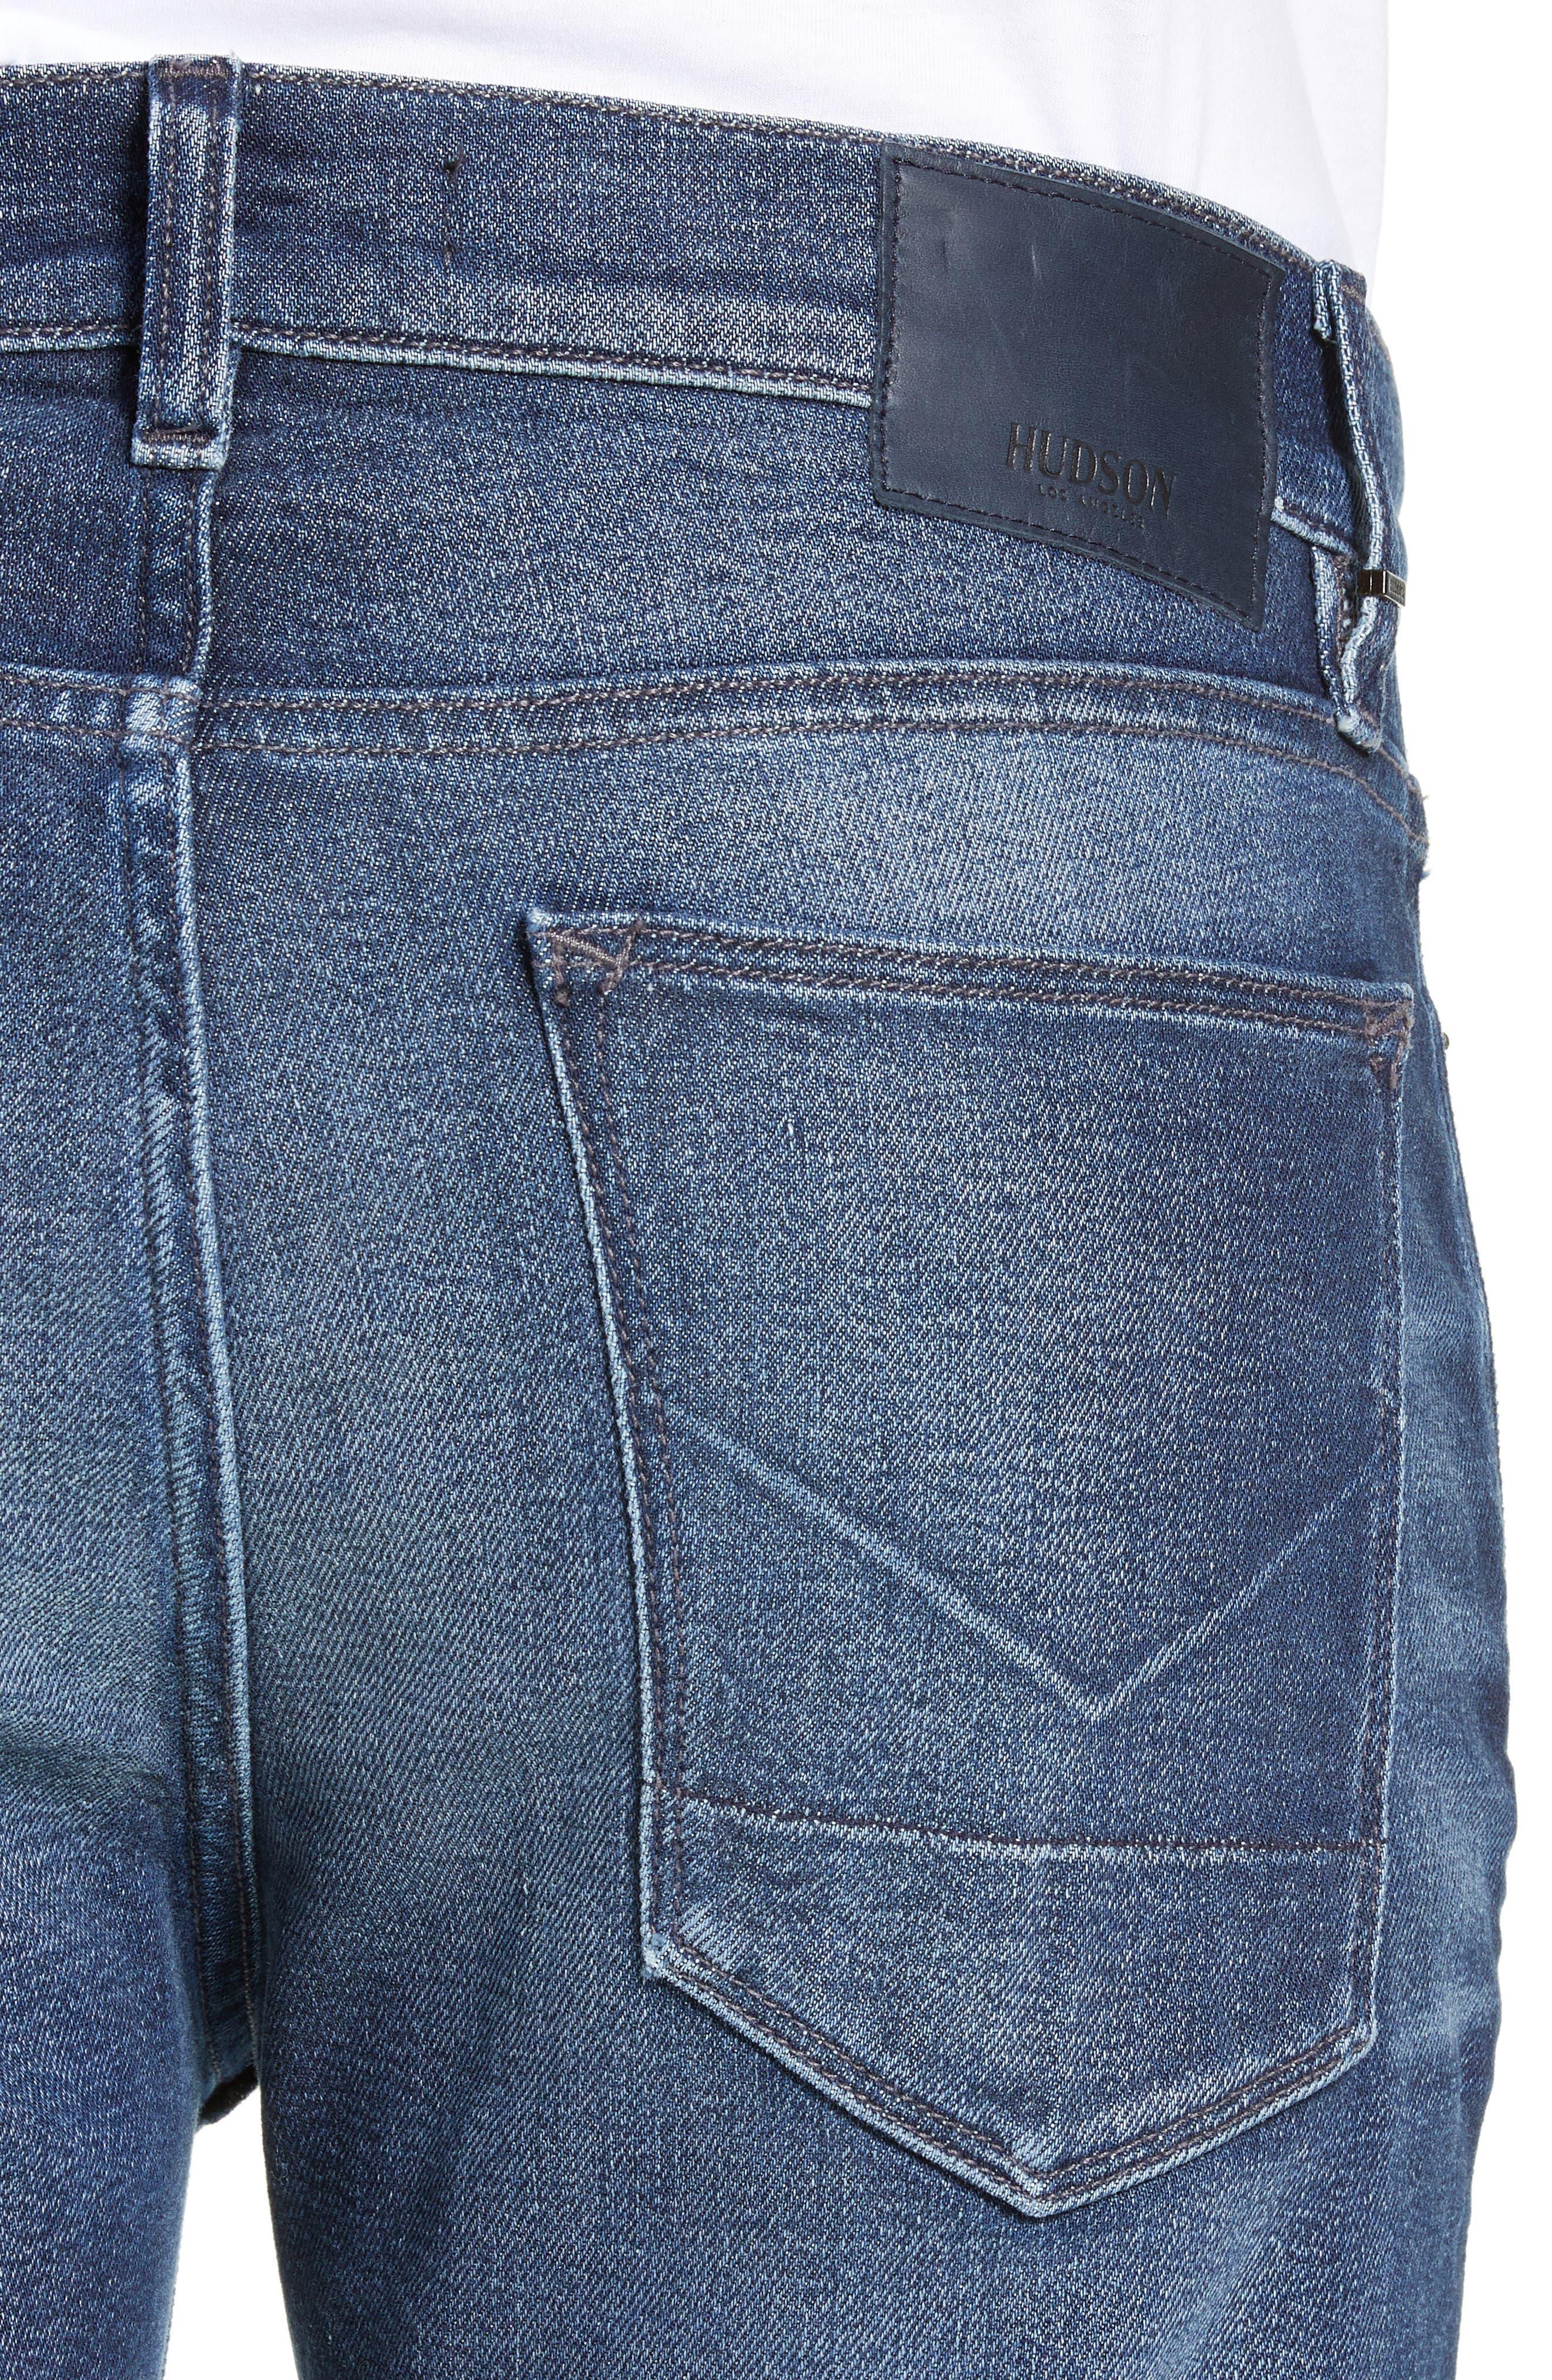 Axl Skinny Fit Jeans,                             Alternate thumbnail 4, color,                             BENNETT